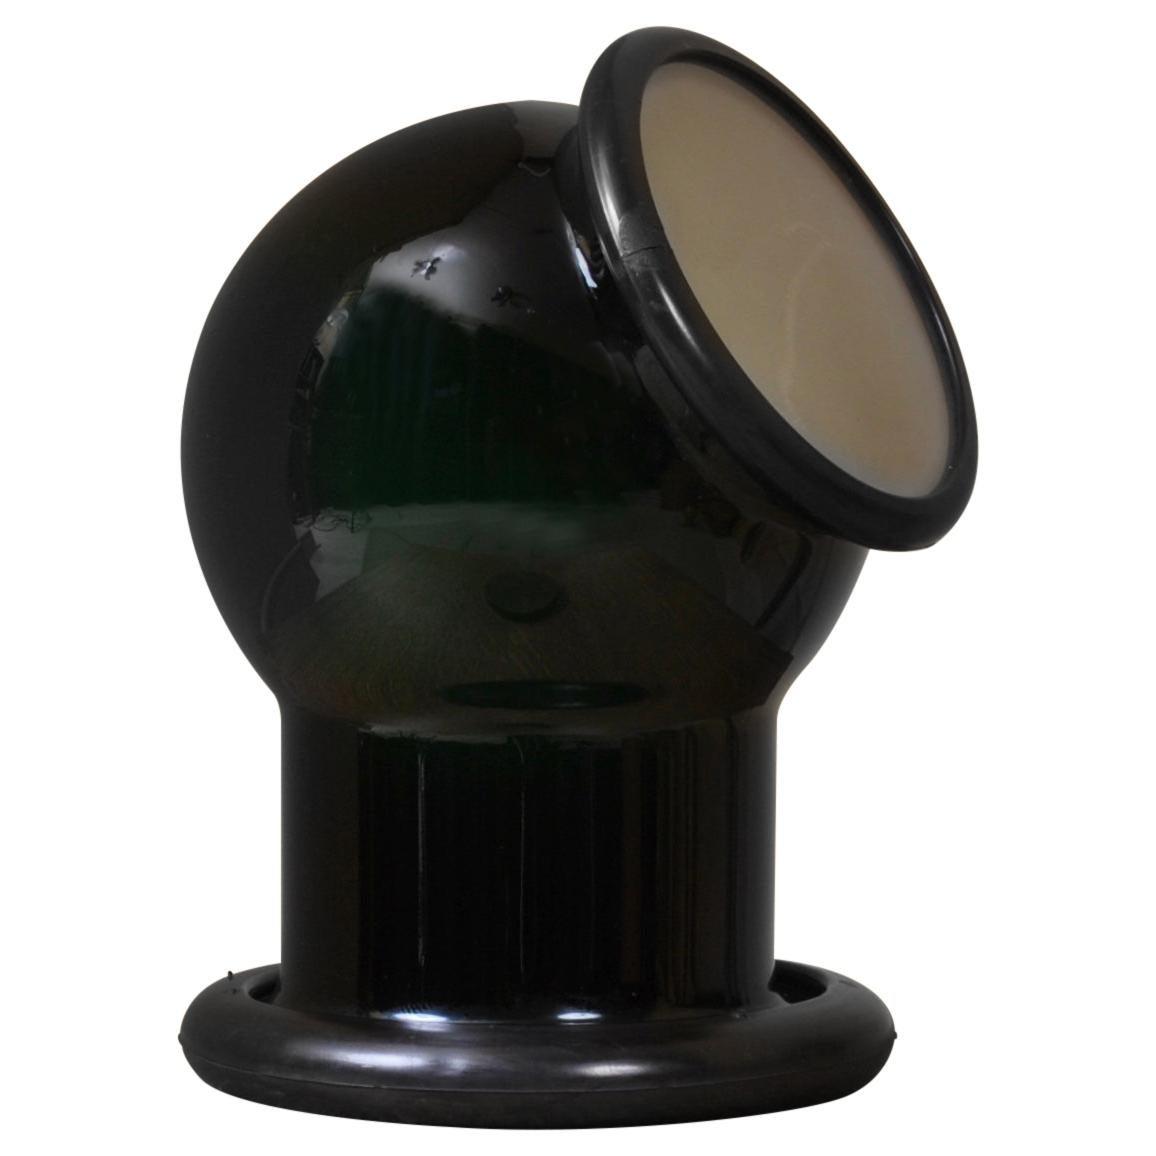 Midcentury Holmegaard Lamp by Michael Bang, 1972